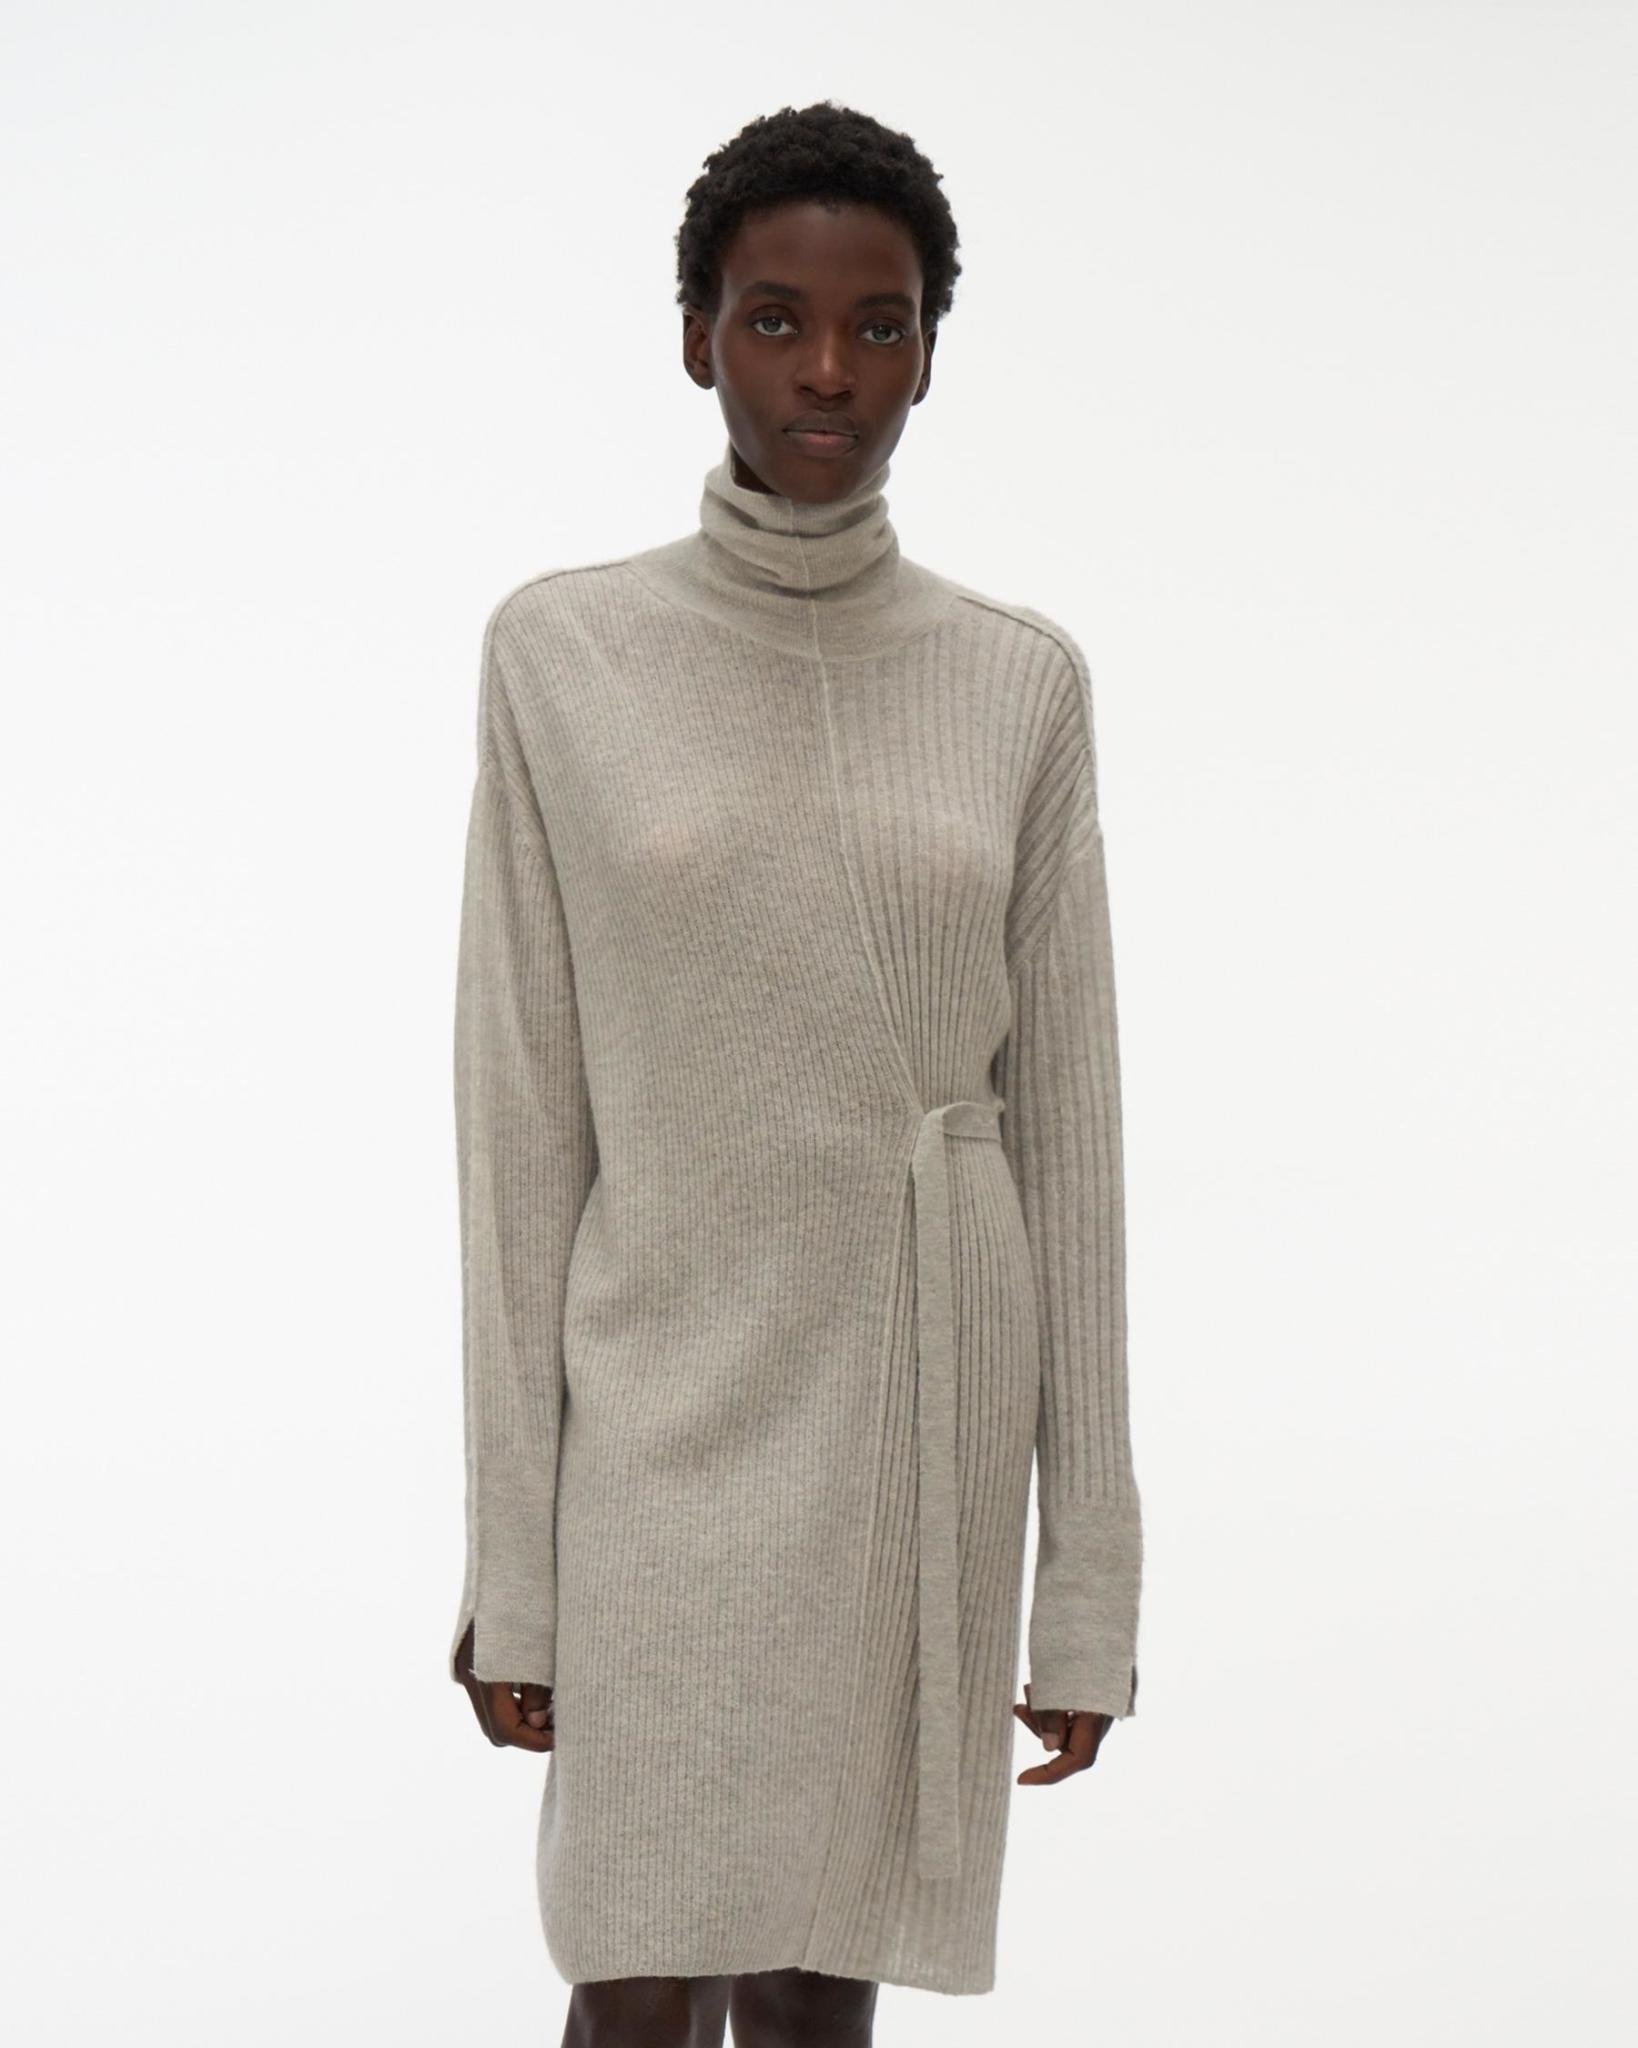 Helmut Lang Strap tneck sweater